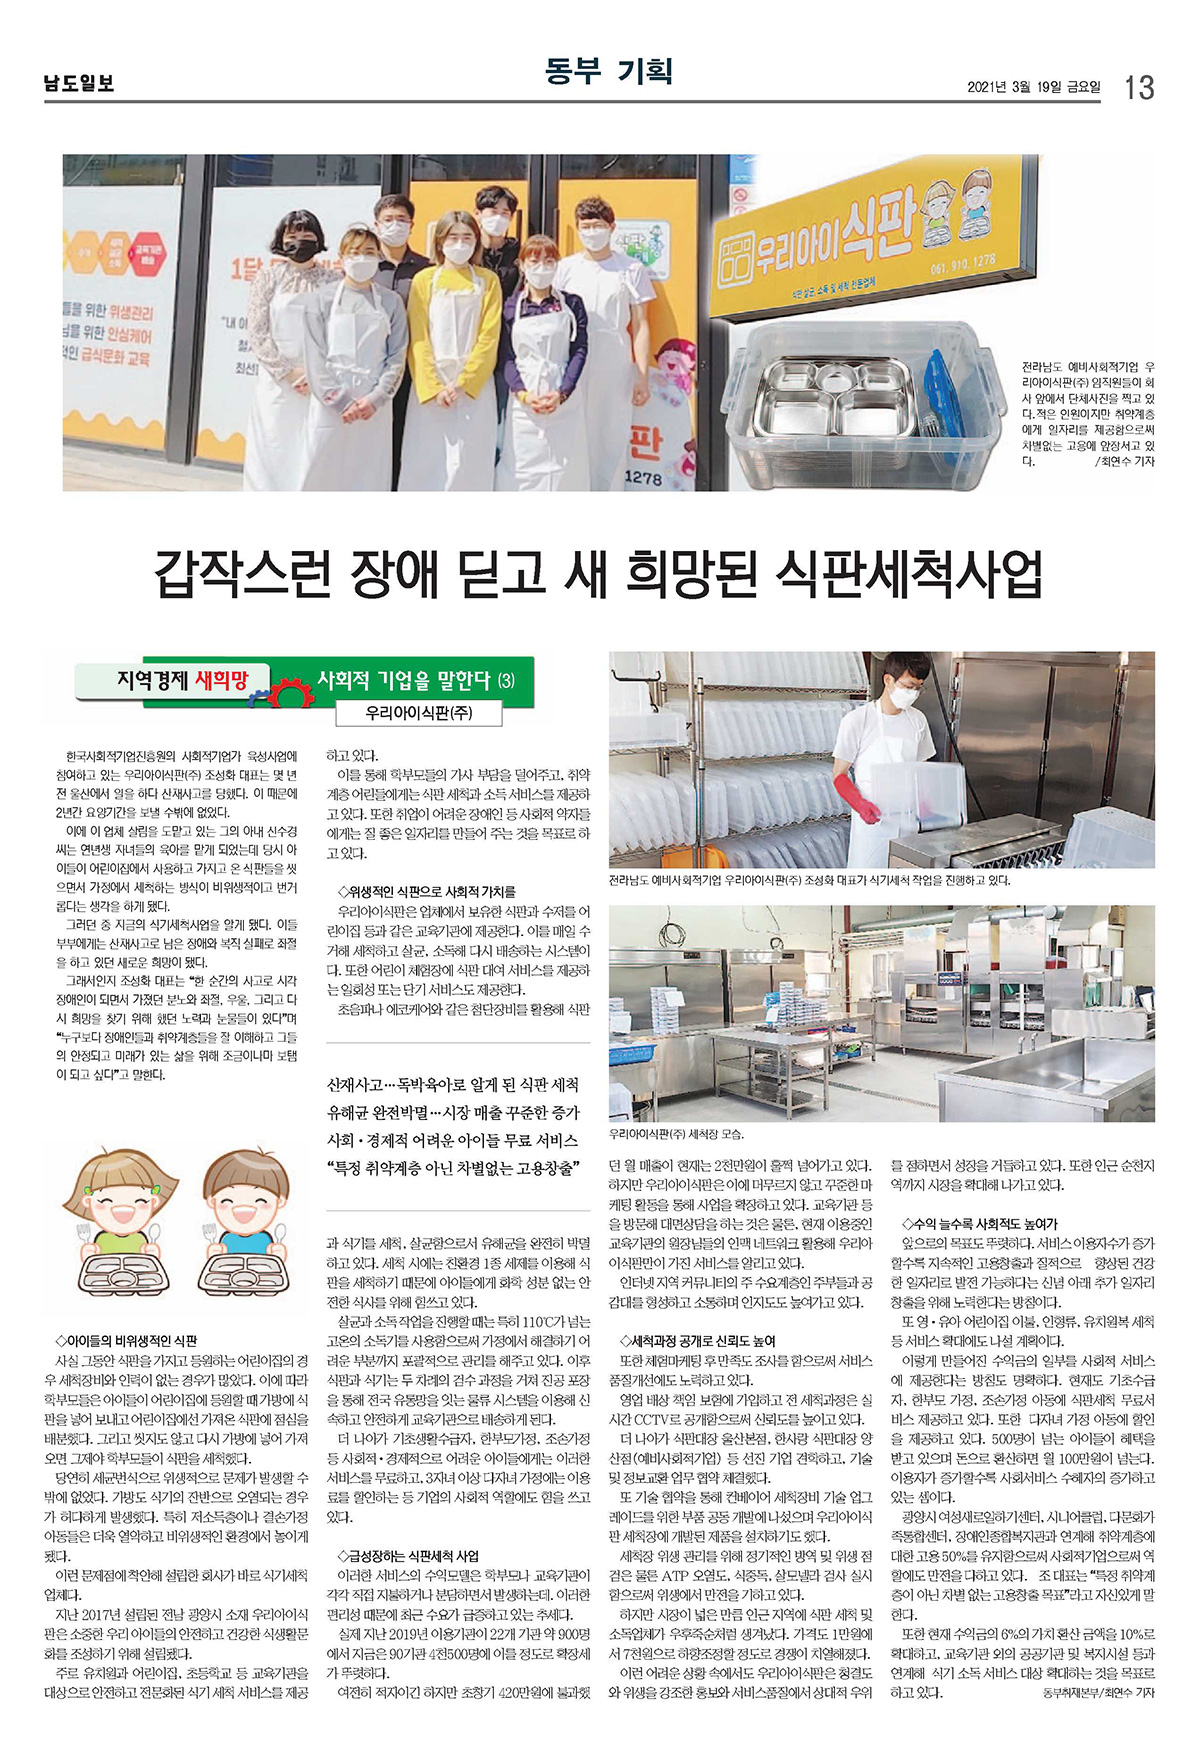 한국사회적기업진흥원의 사회적기업가 육성사업에 참여하고 있는 우리아이식판(주) 보도자료 스크랩